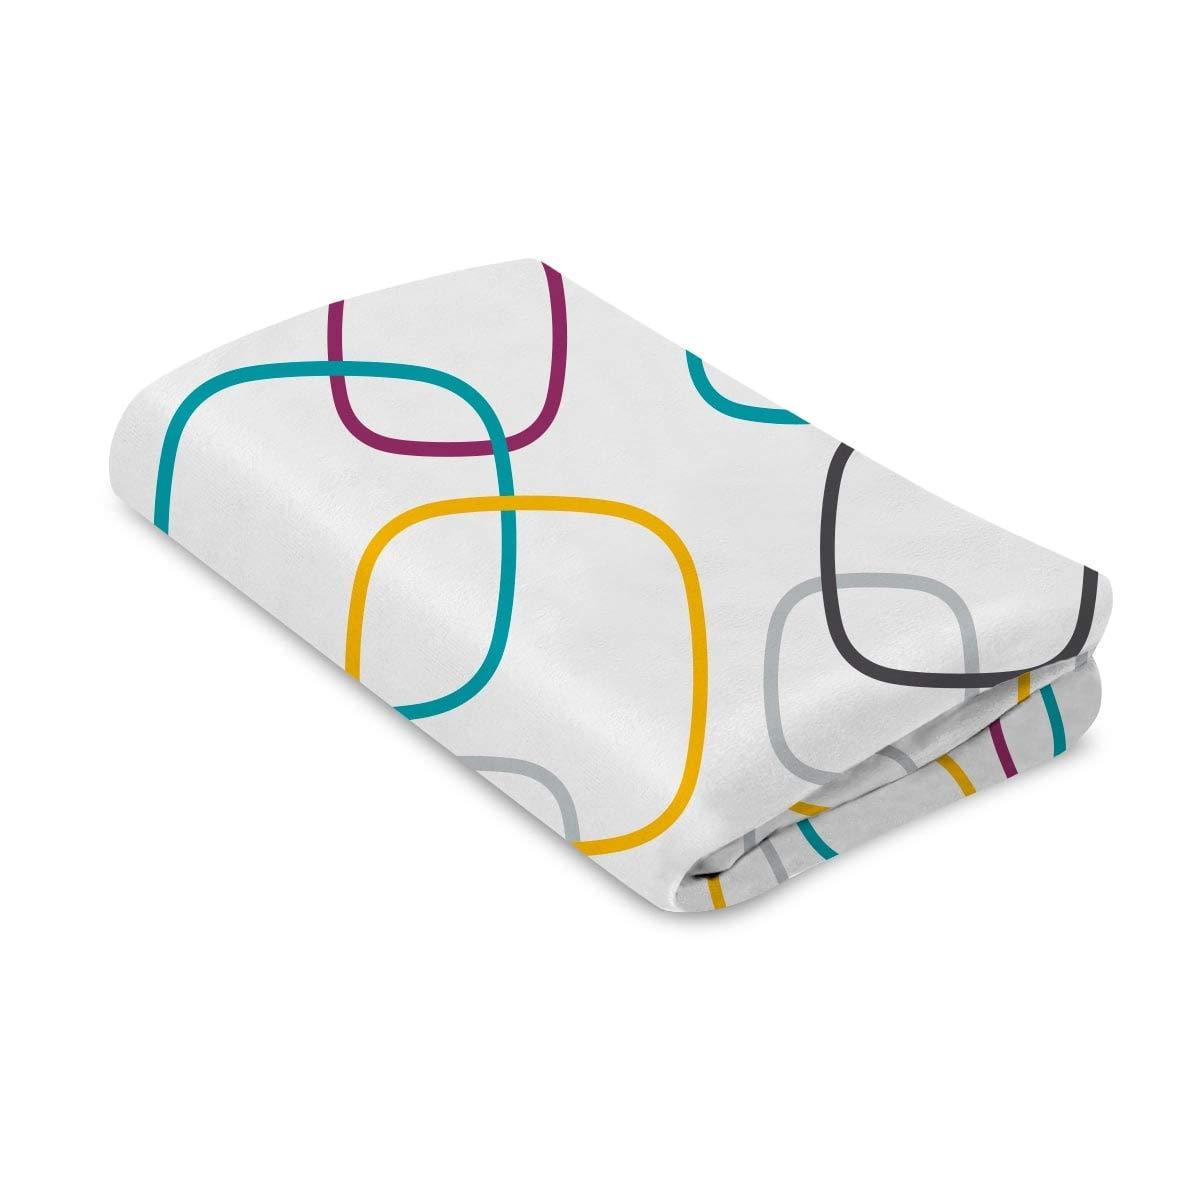 4moms breeze playard waterproof, machine washable playard sheets - soft, plush fabric - multi/white